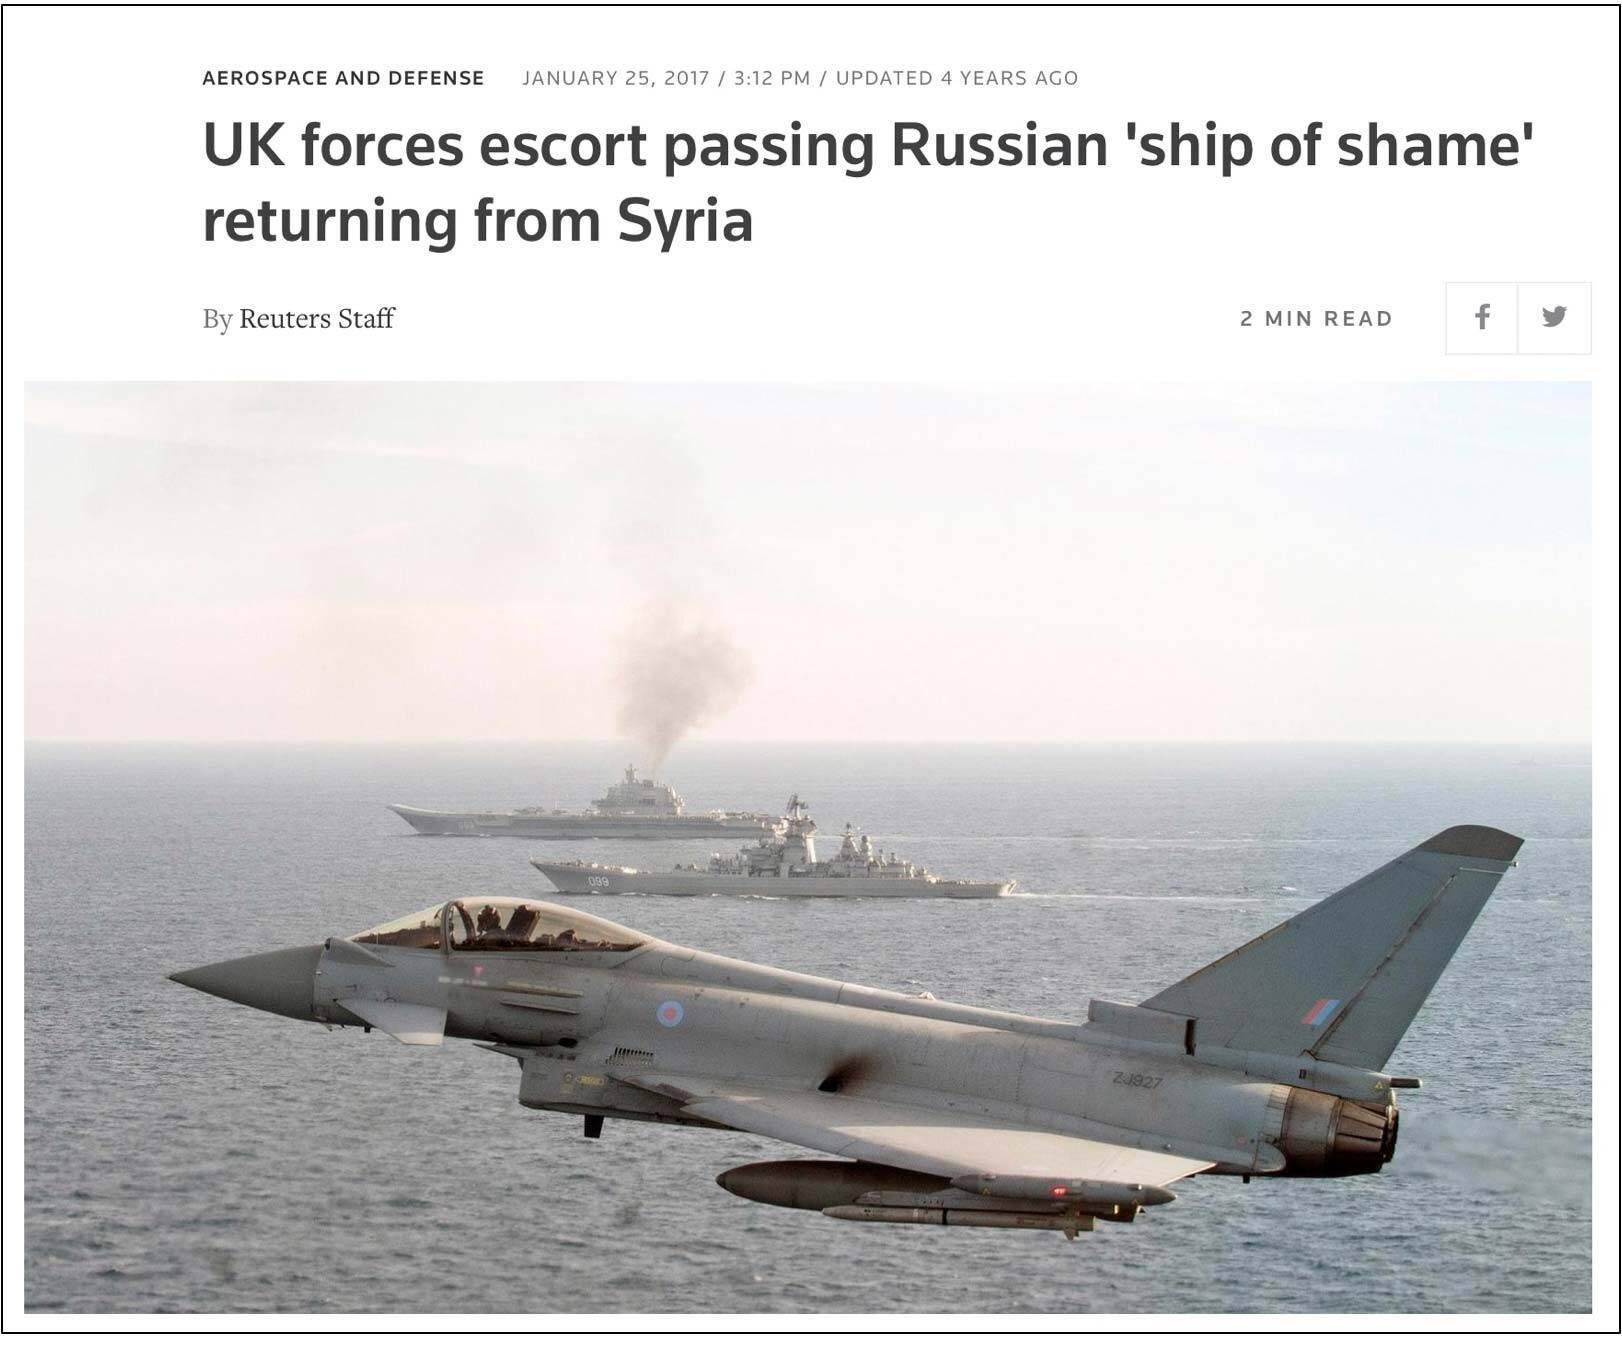 Escorting Admiral Kuznetsov near uk waters